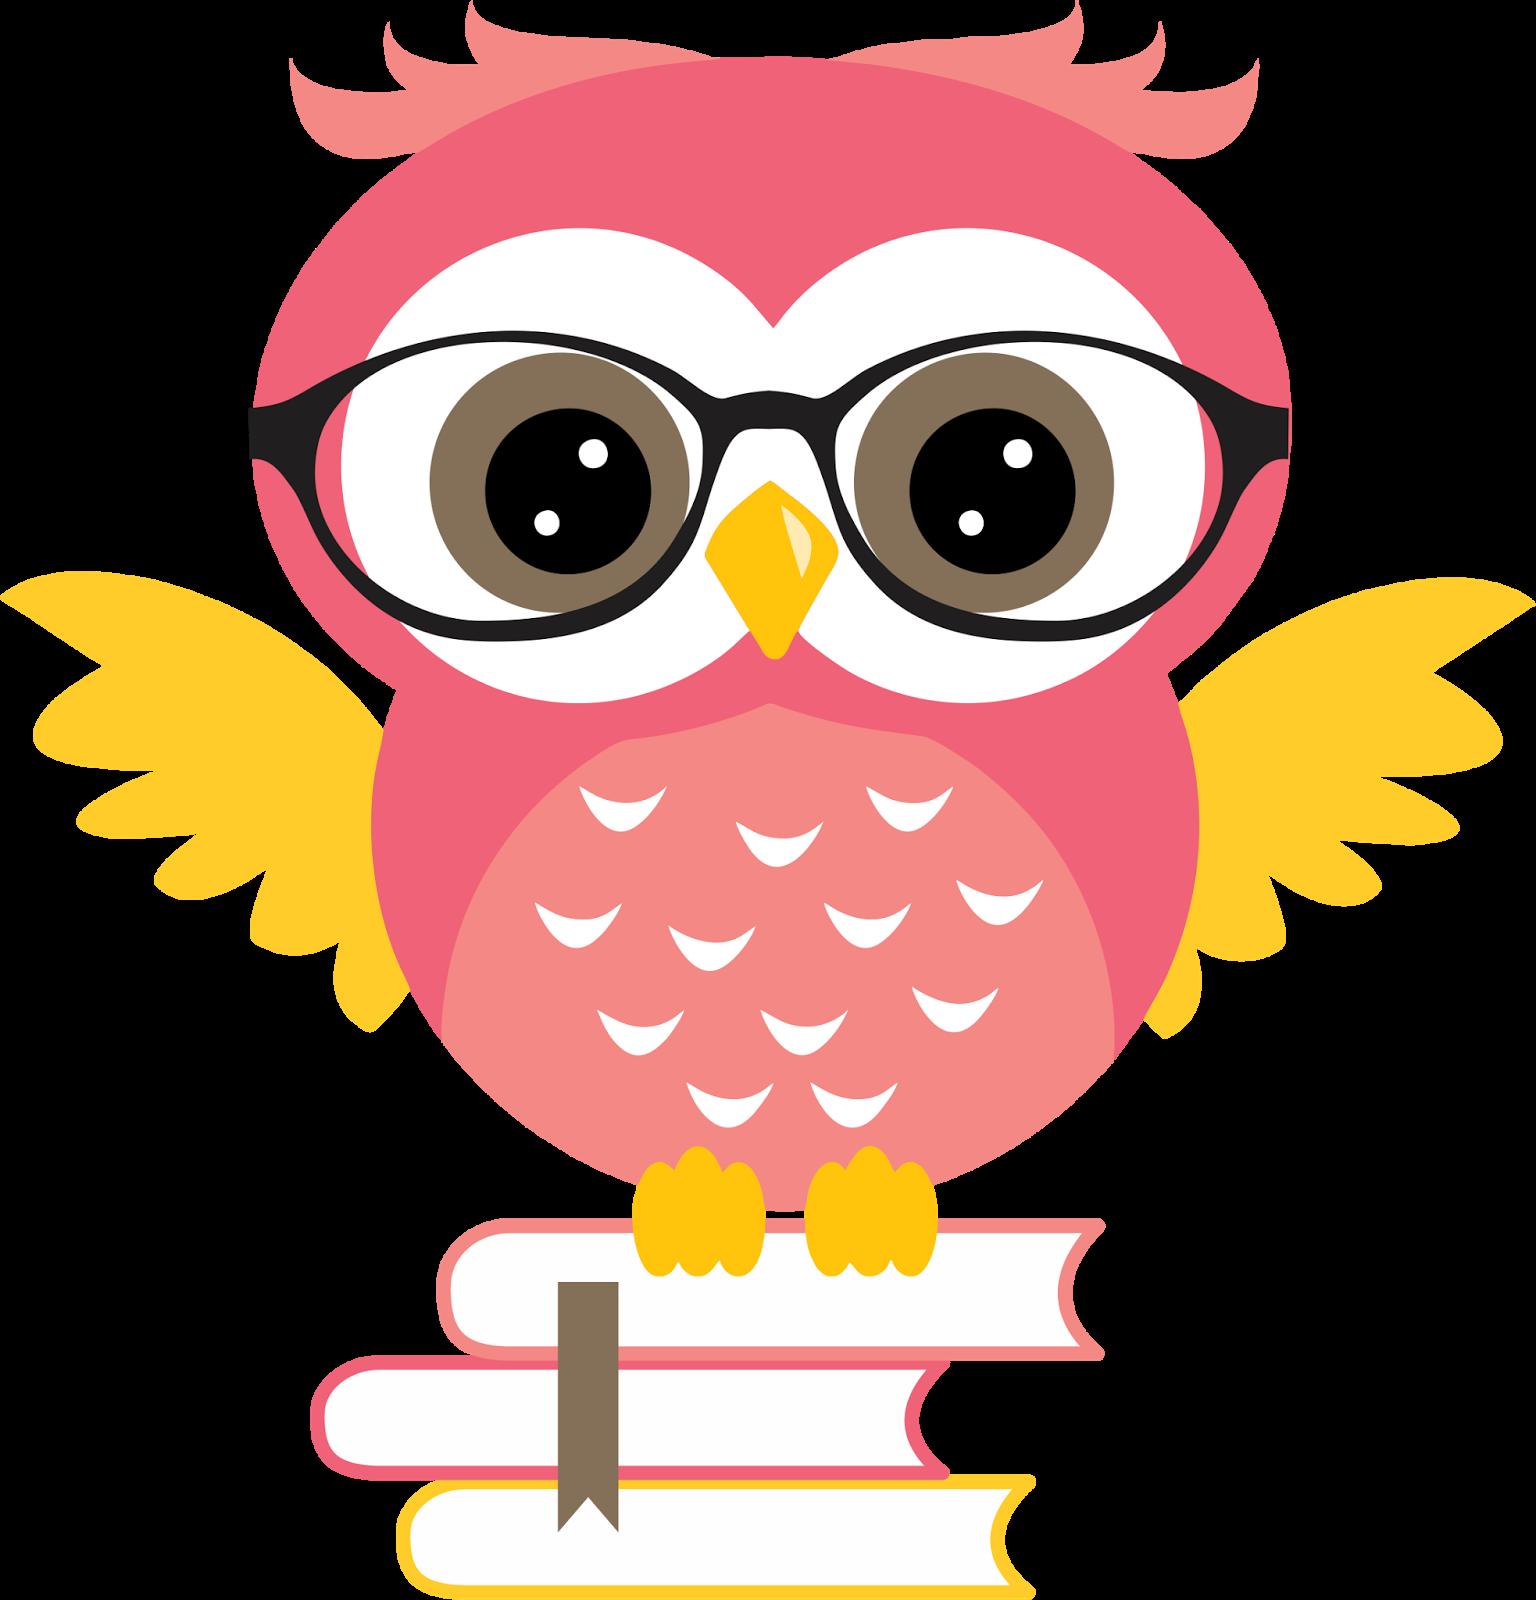 Star owl clipart graphic library download Corujinhas e papeis grátis para baixar | Pinterest | Layouts ... graphic library download